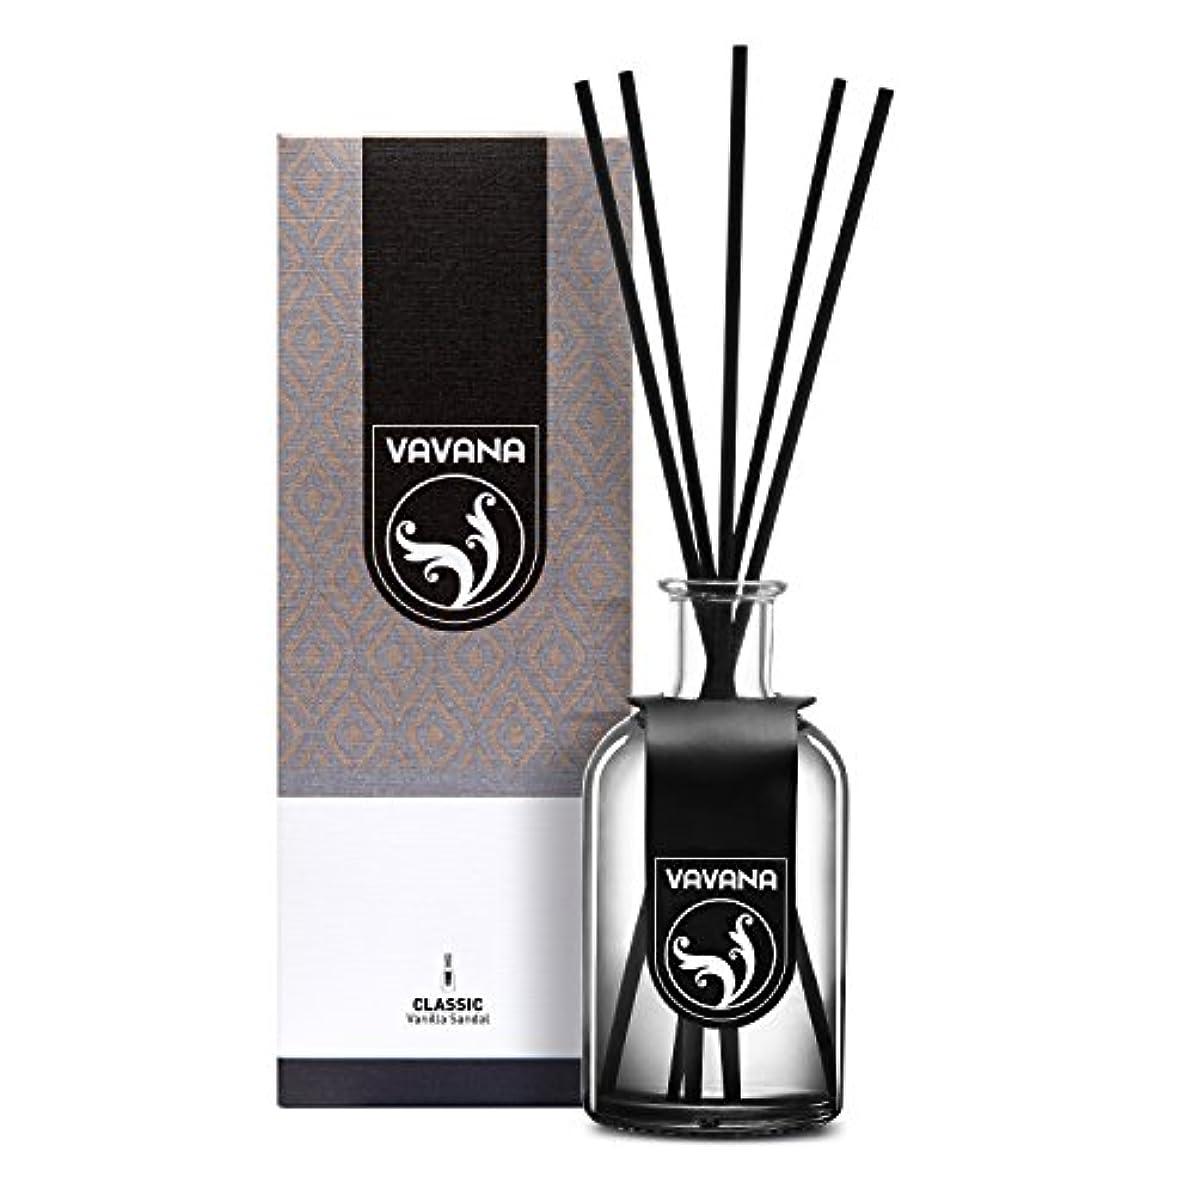 くちばし大聖堂グレードVavana アロマセラピーディフューザースティック リードディフューザーセット アロマホームフレグランスセット エッセンシャルオイルディフューザースティック 天然の香りのオイルブレンド製